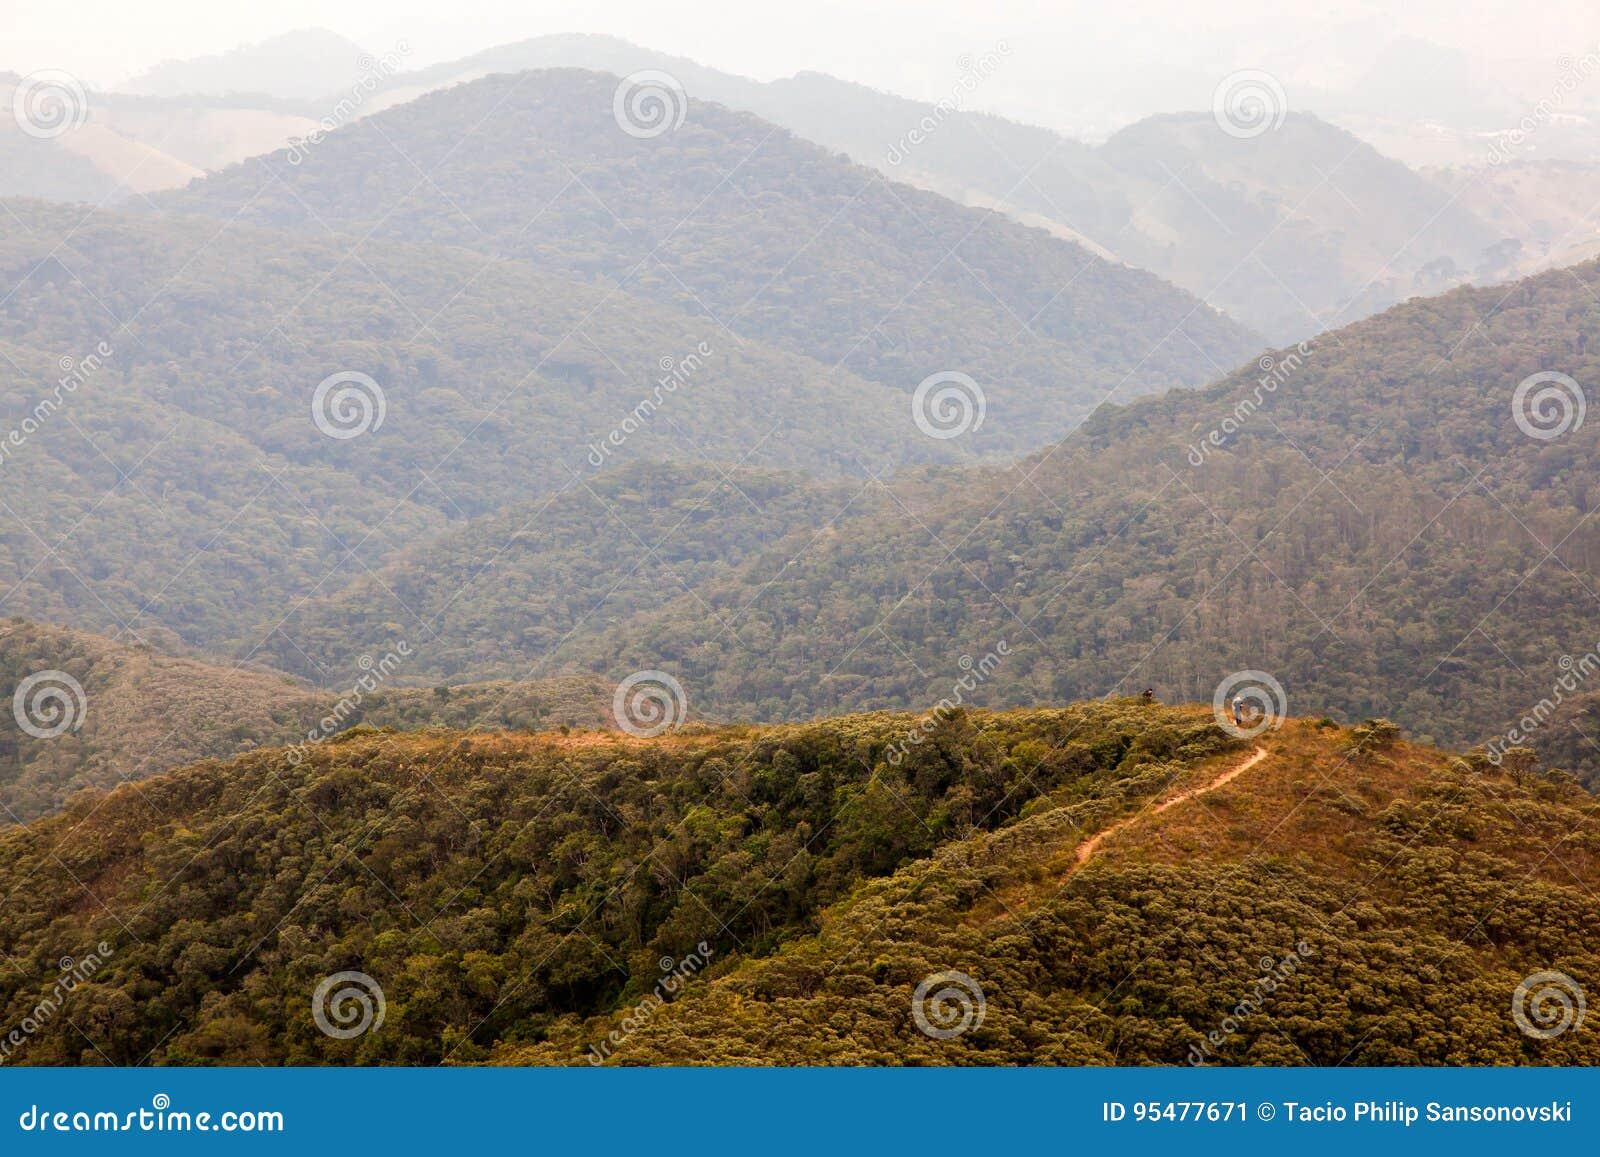 Άνθρωποι να πραγματοποιήσει οδοιπορικό σε ένα βουνό στη νότια Βραζιλία